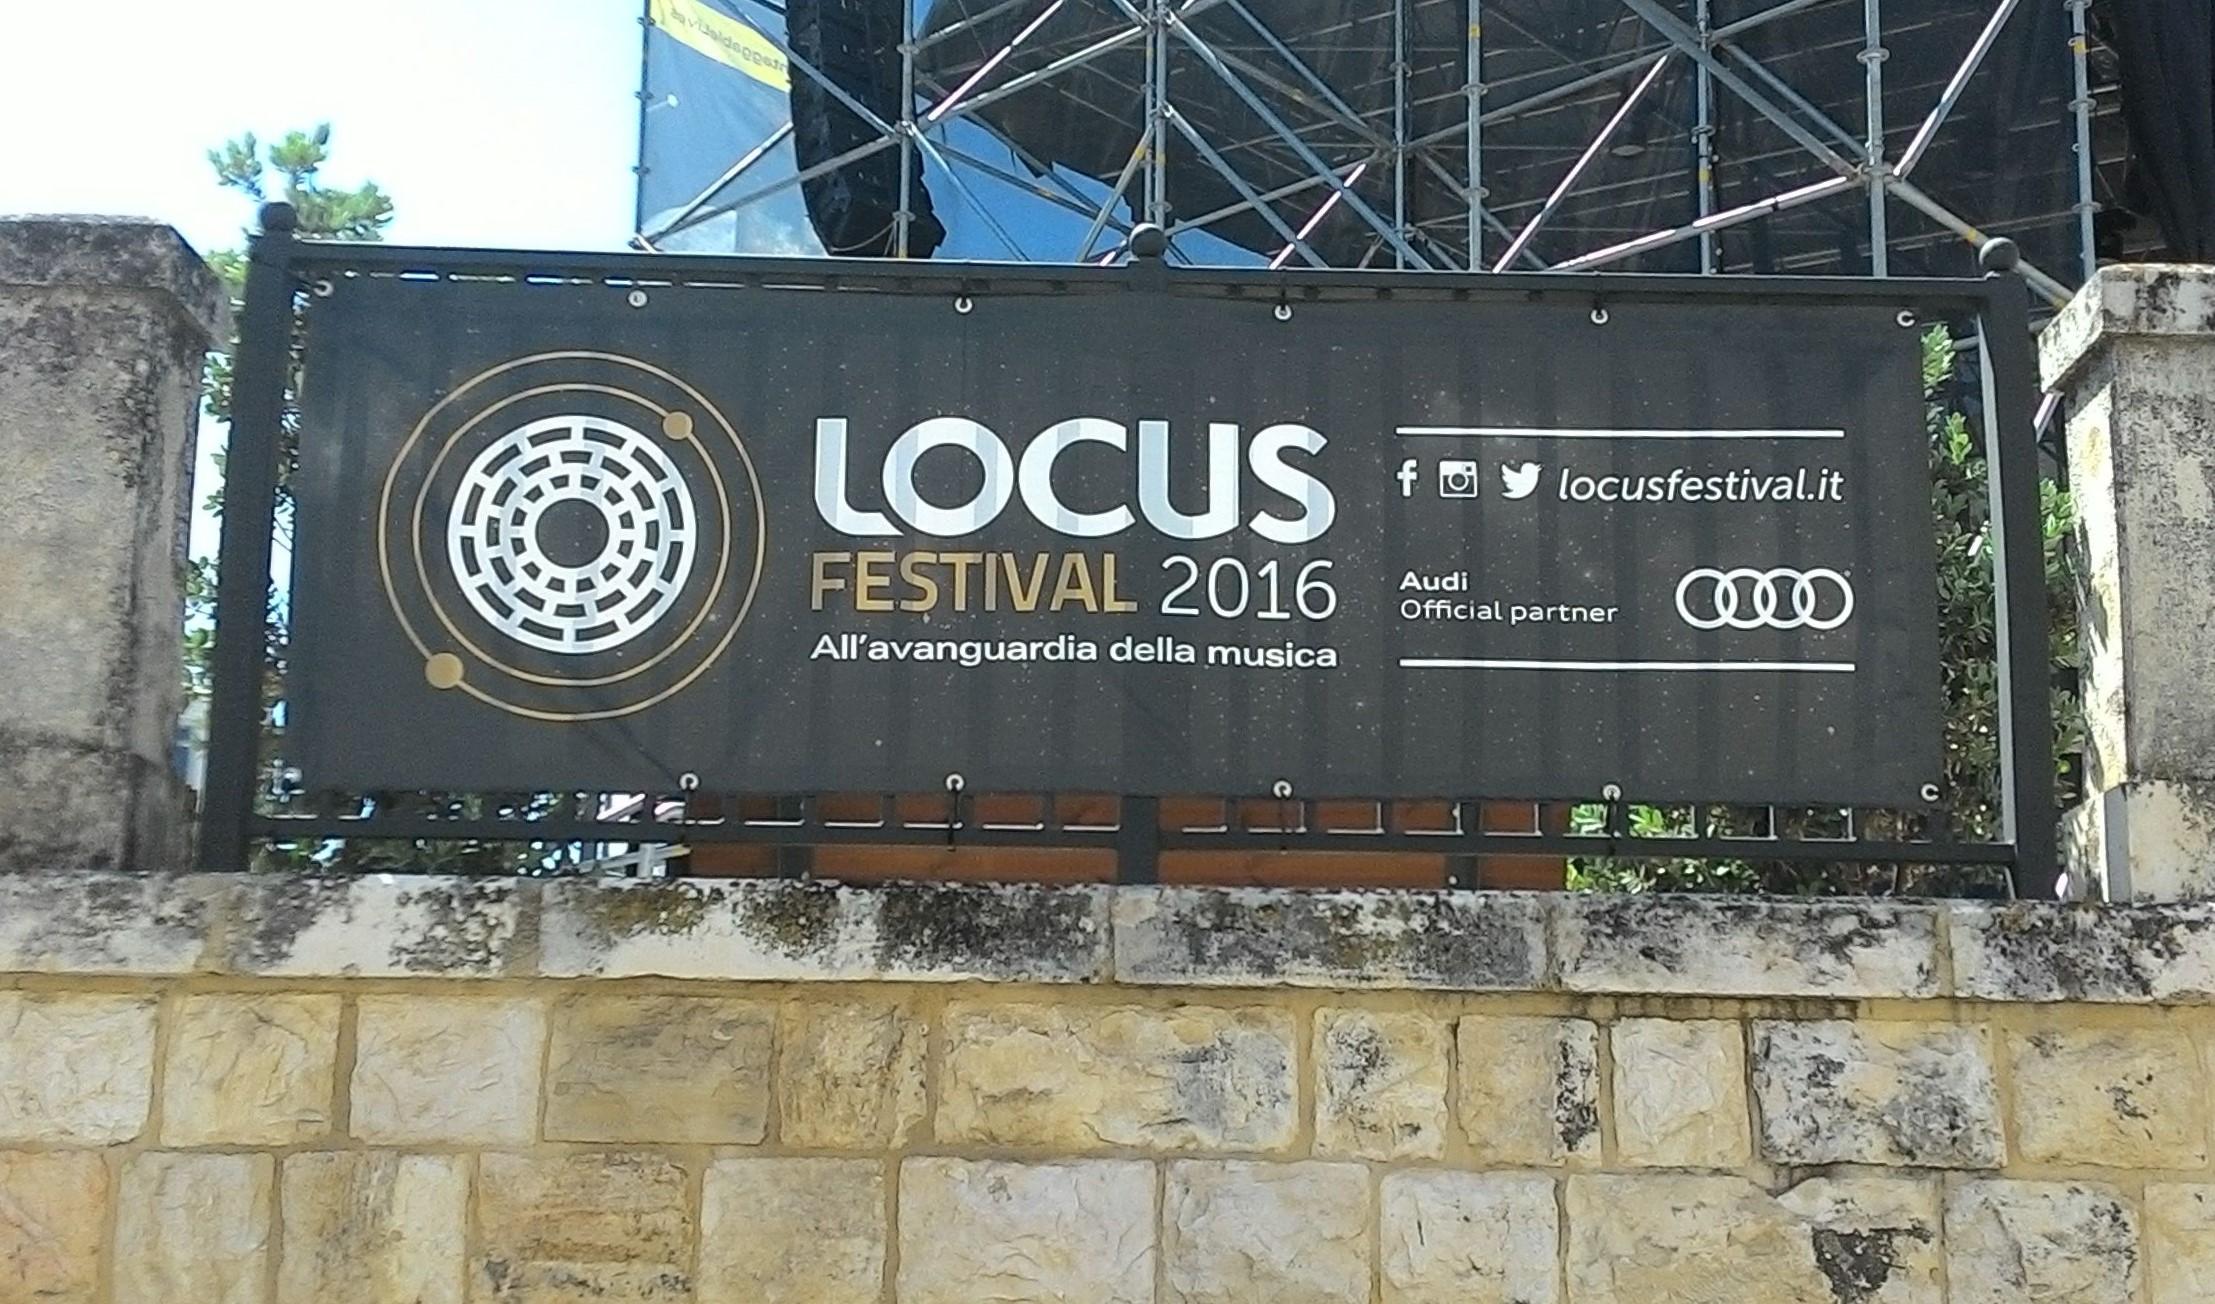 Locus Festival